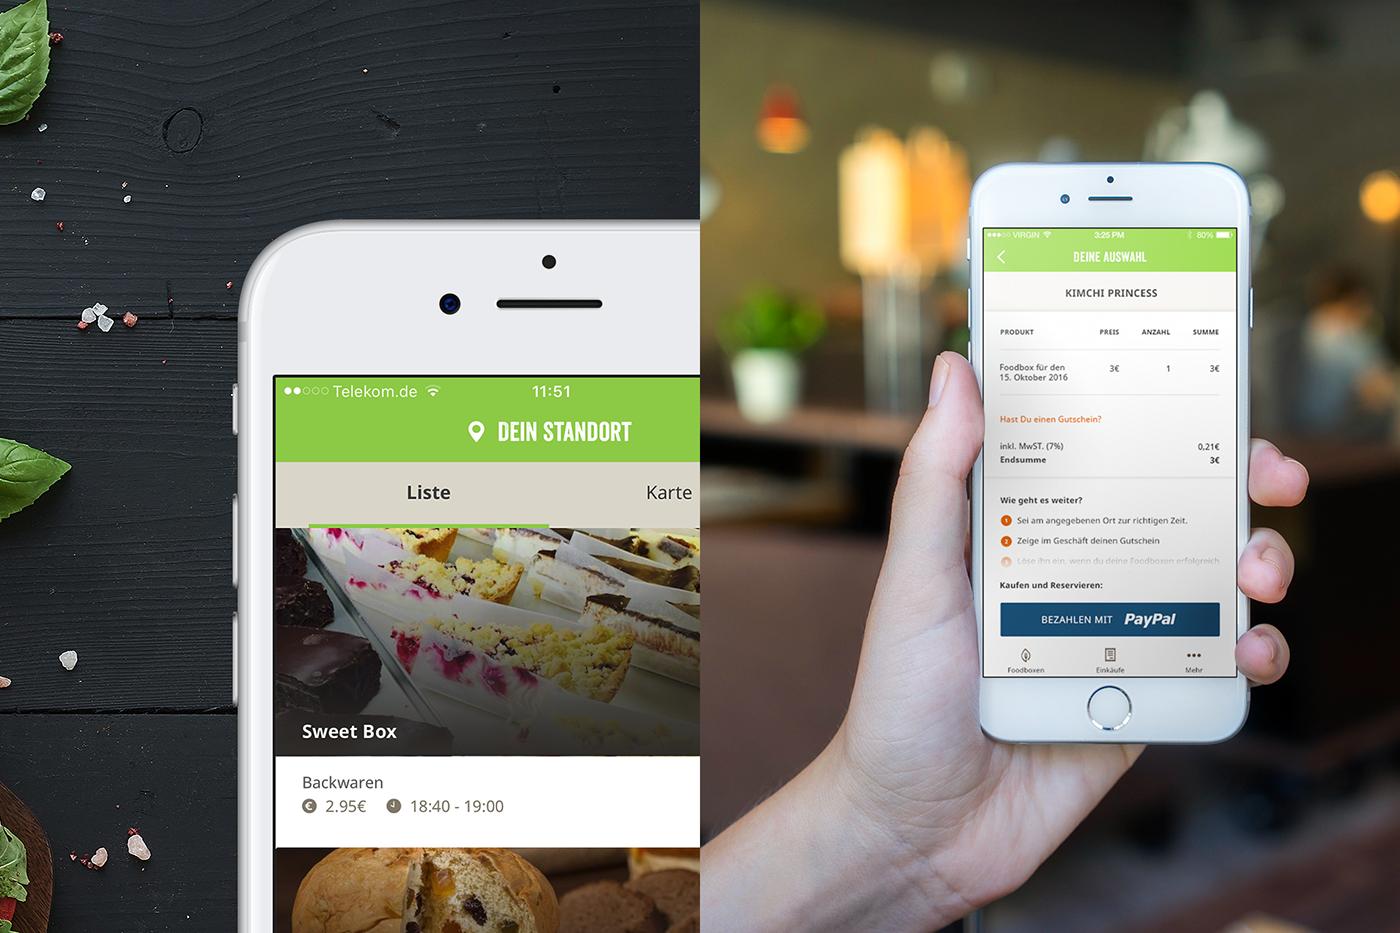 ios android crossplatform app branding  ux UI berlin hybrid